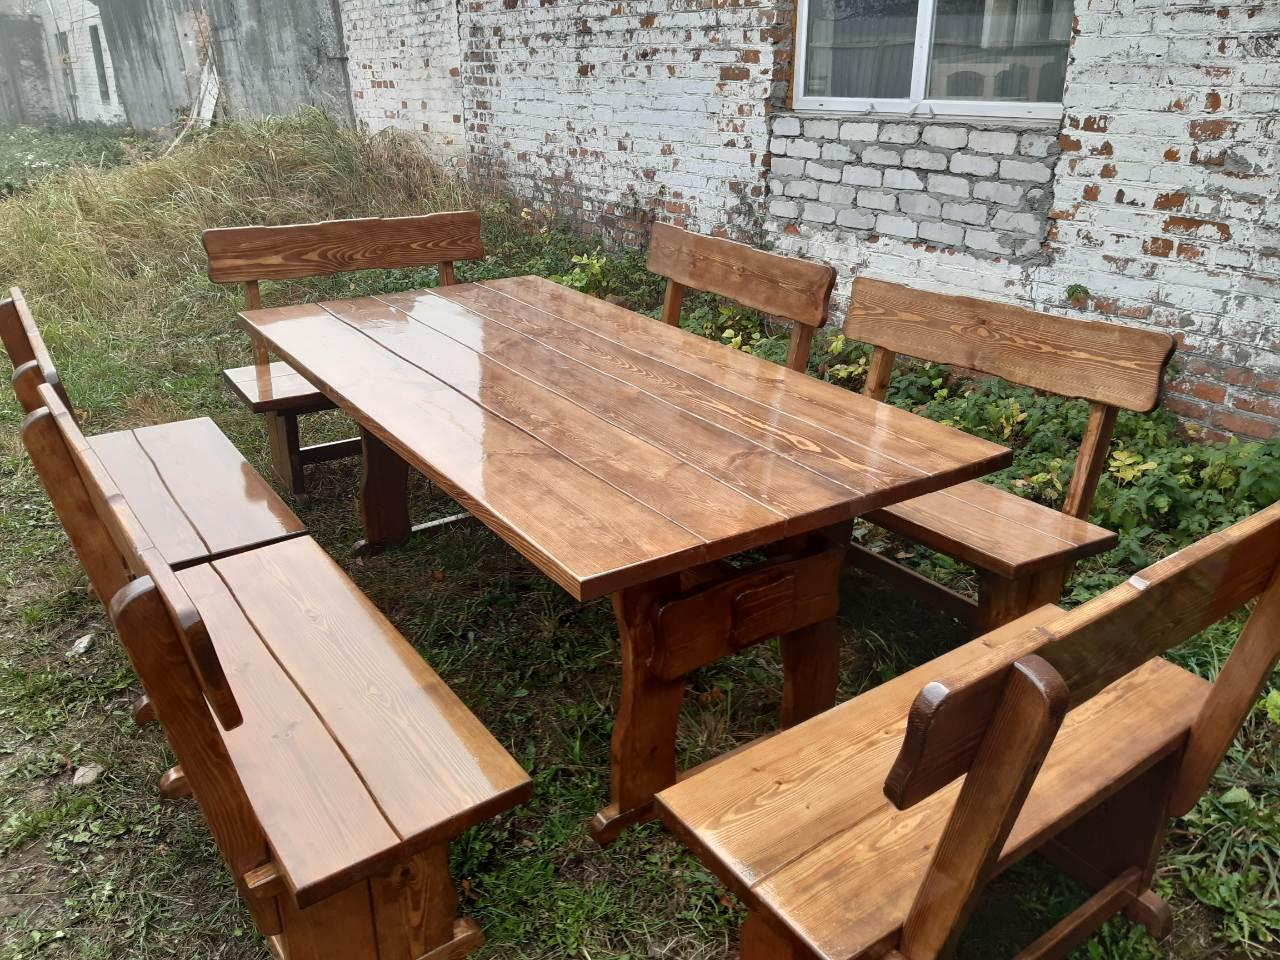 Деревянный стол из массива древесины 2000*1000 + 6 лавок от производителя